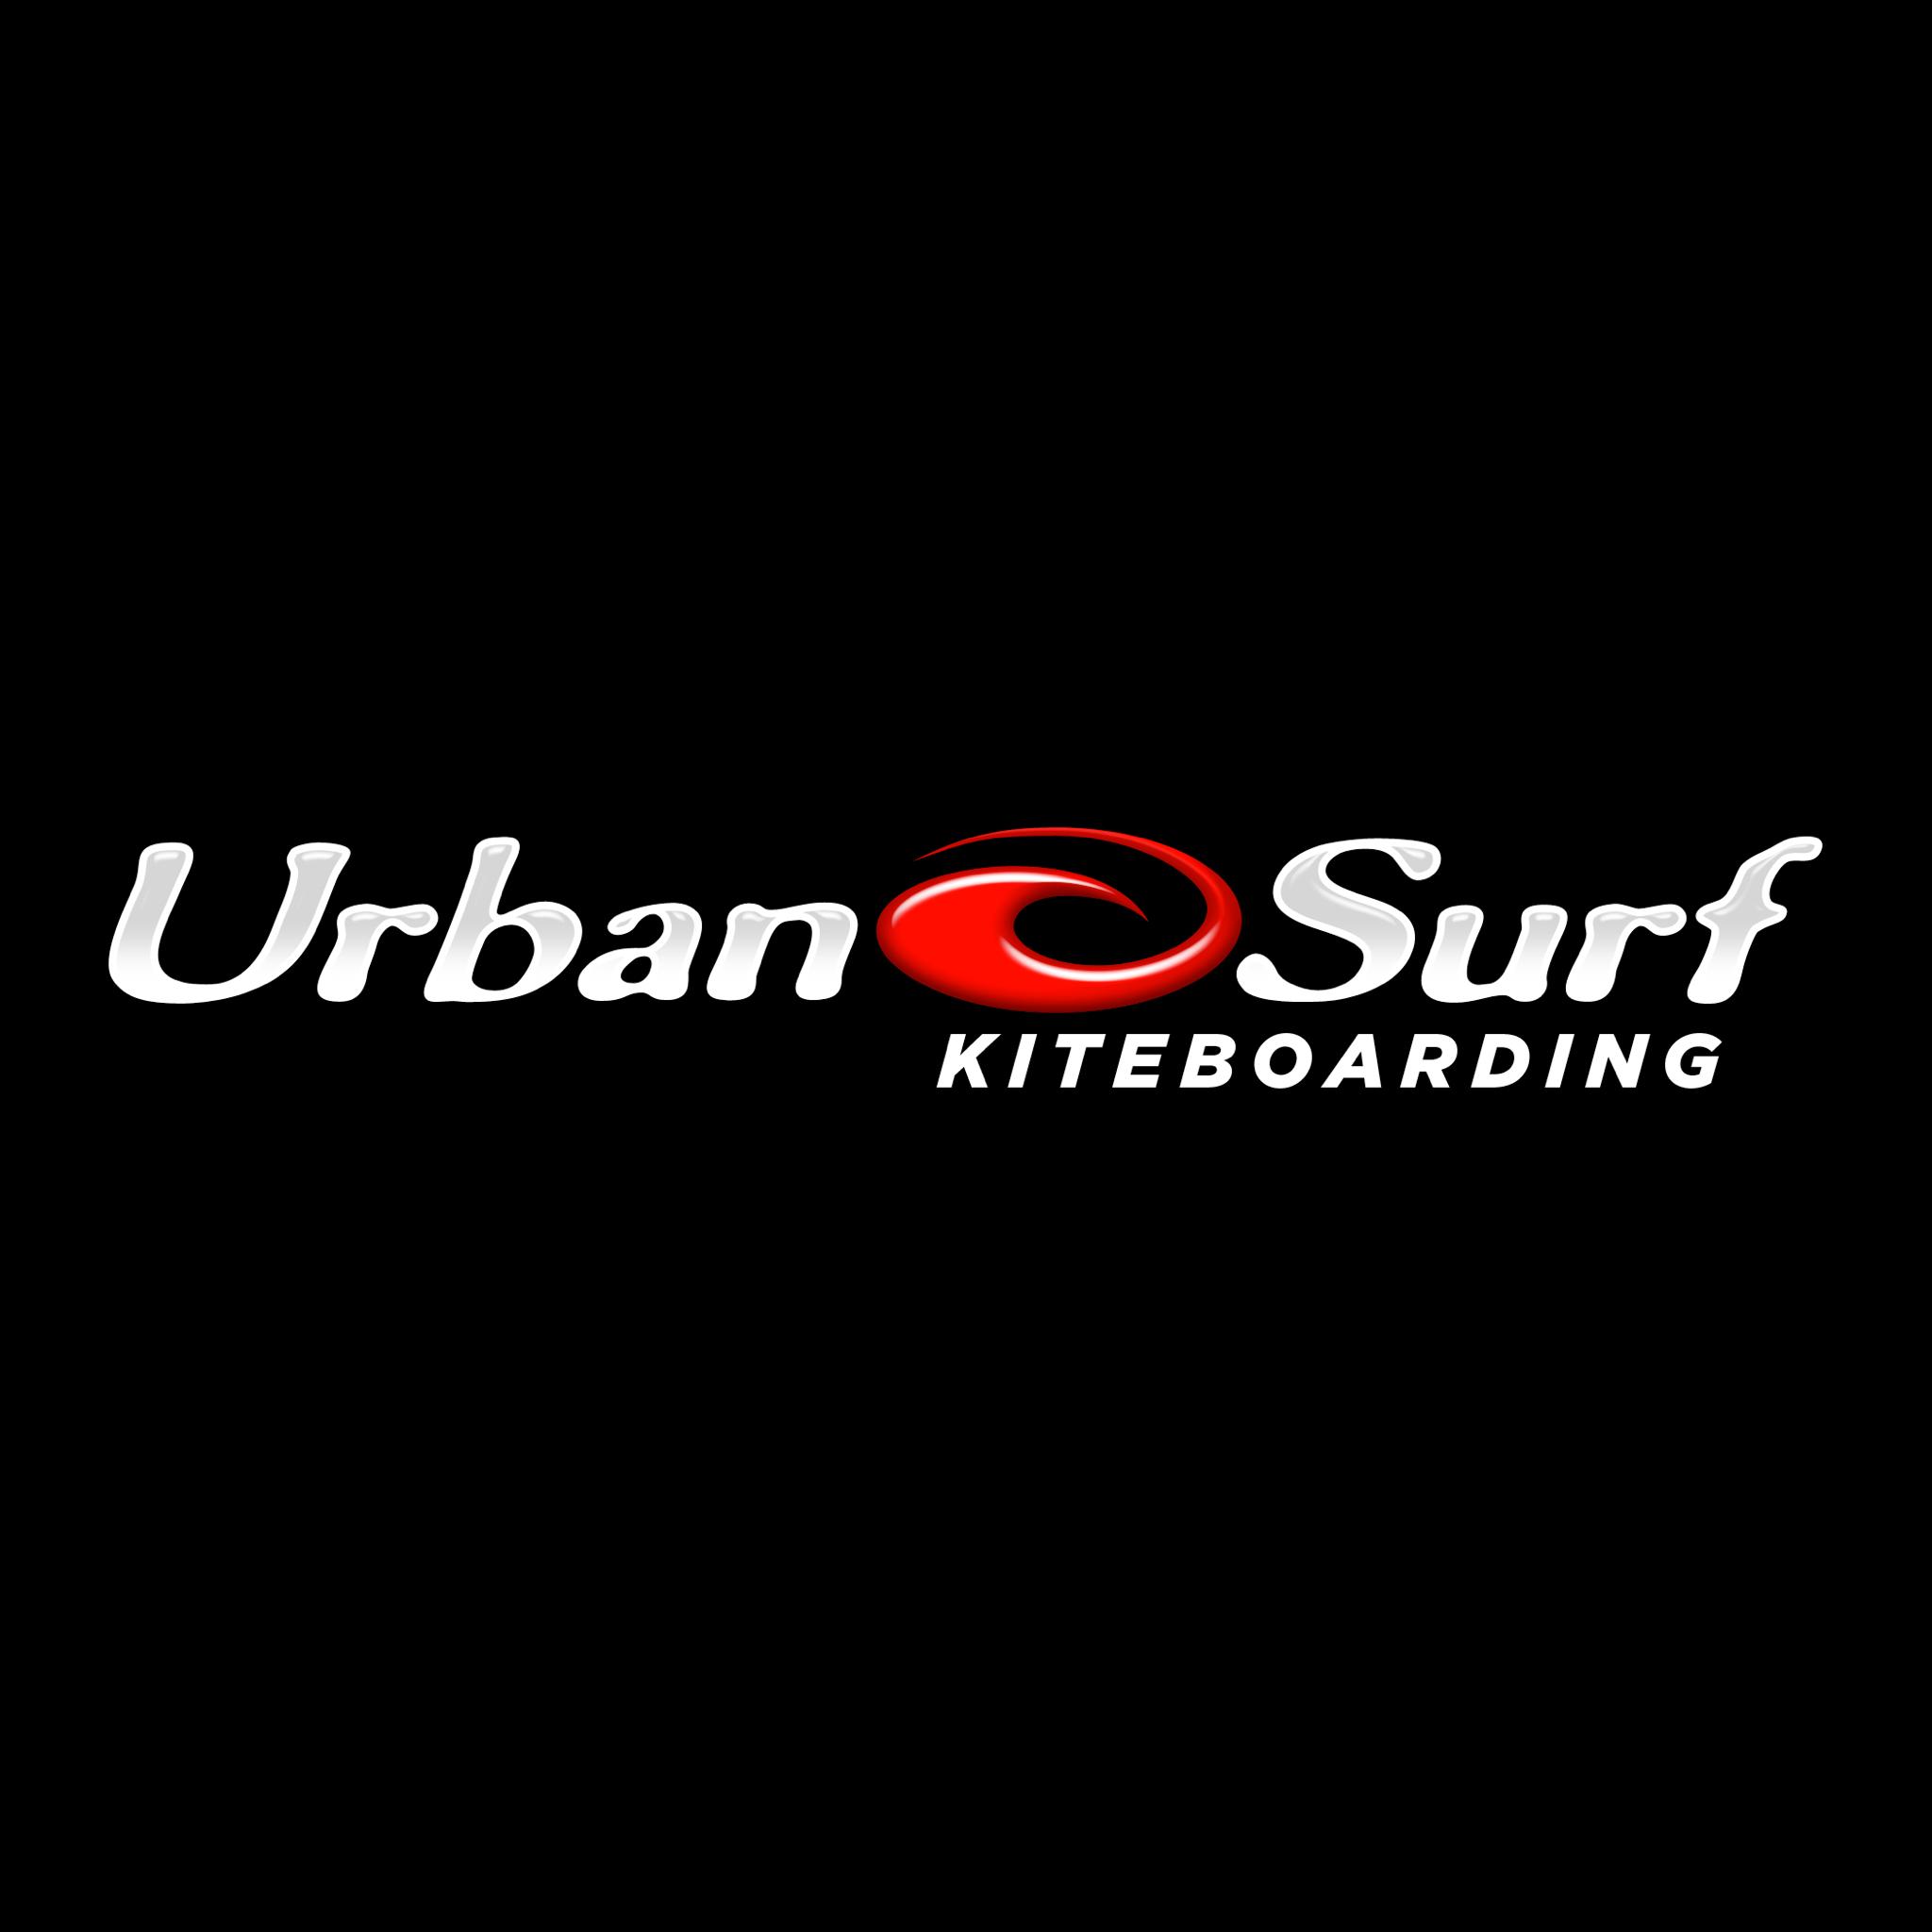 Urban surf Kiteboarding logo Square.png